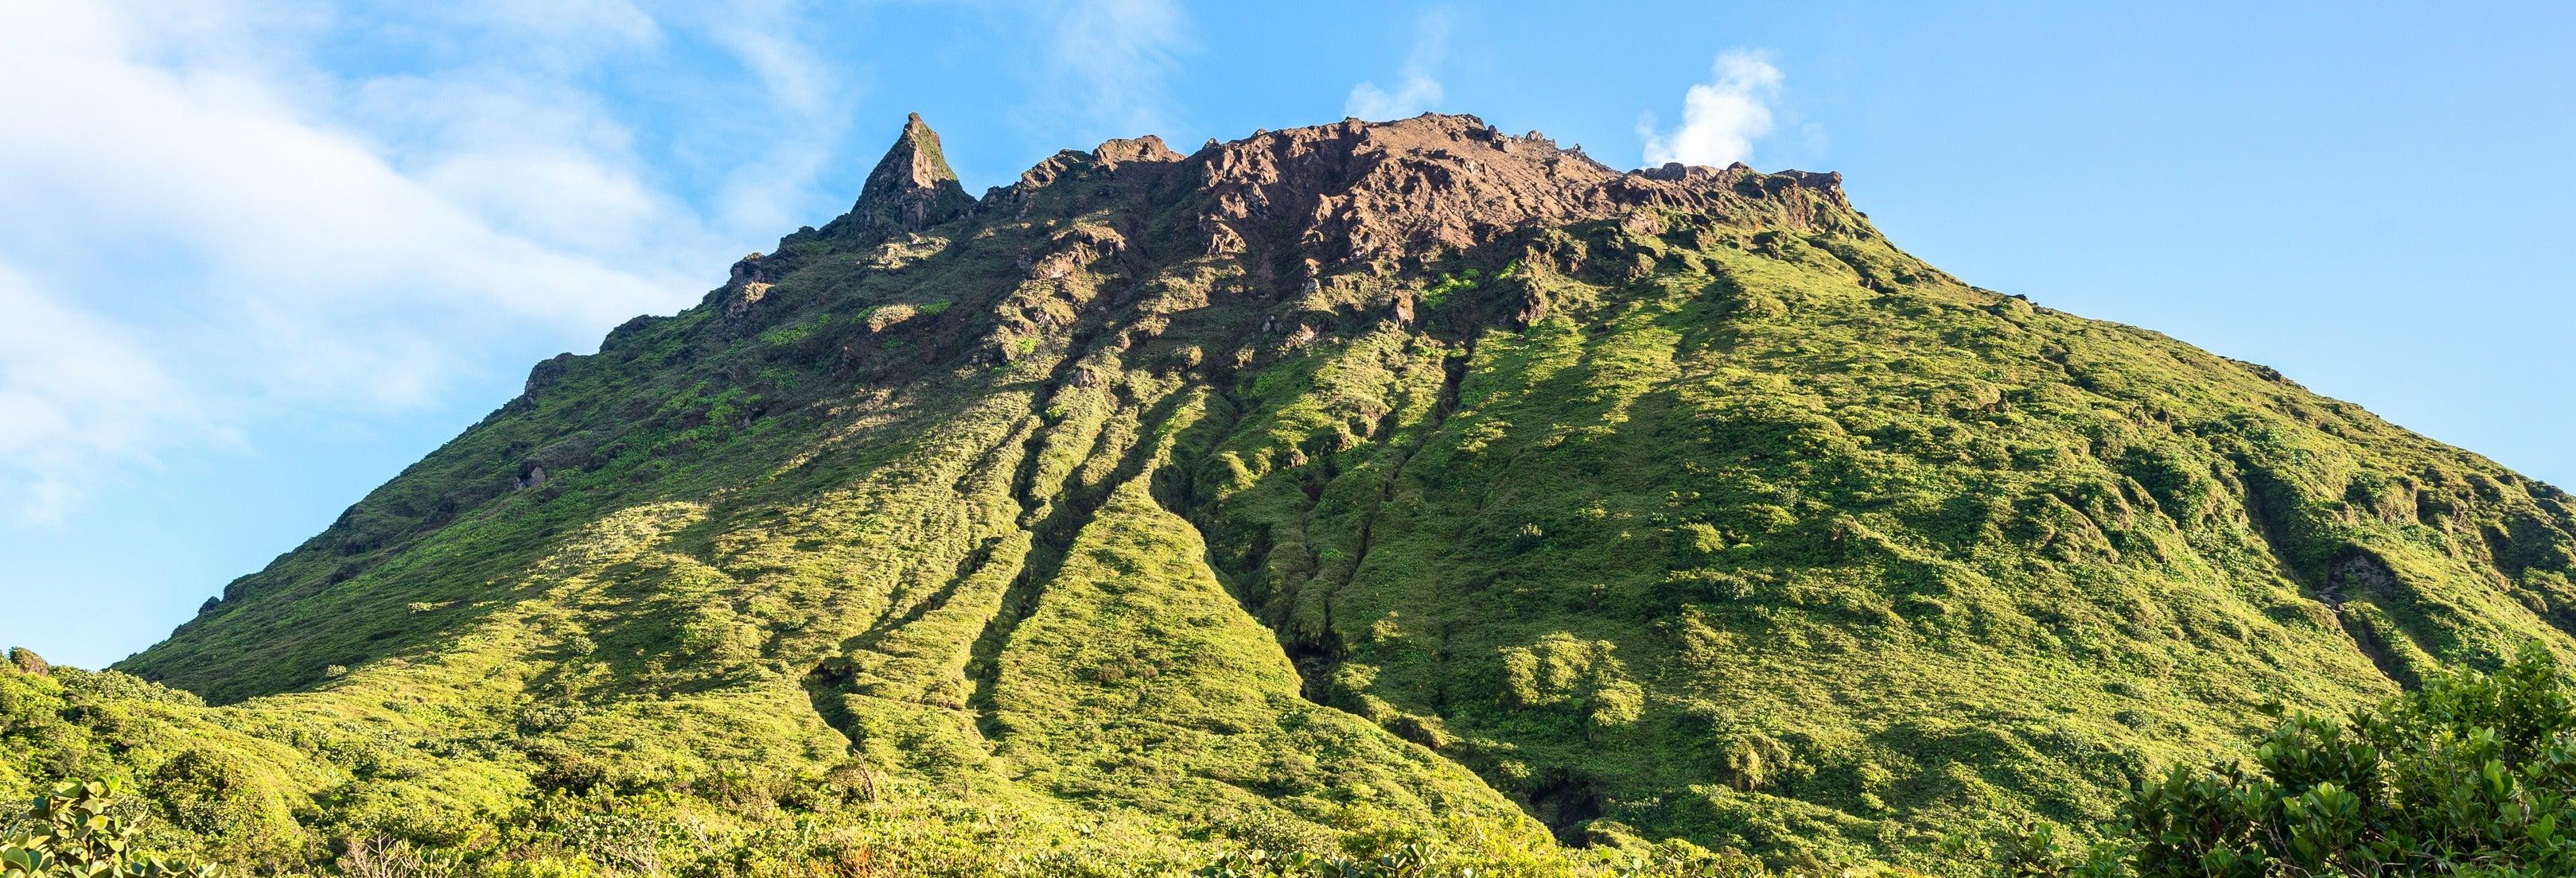 Excursión al volcán La Soufrière